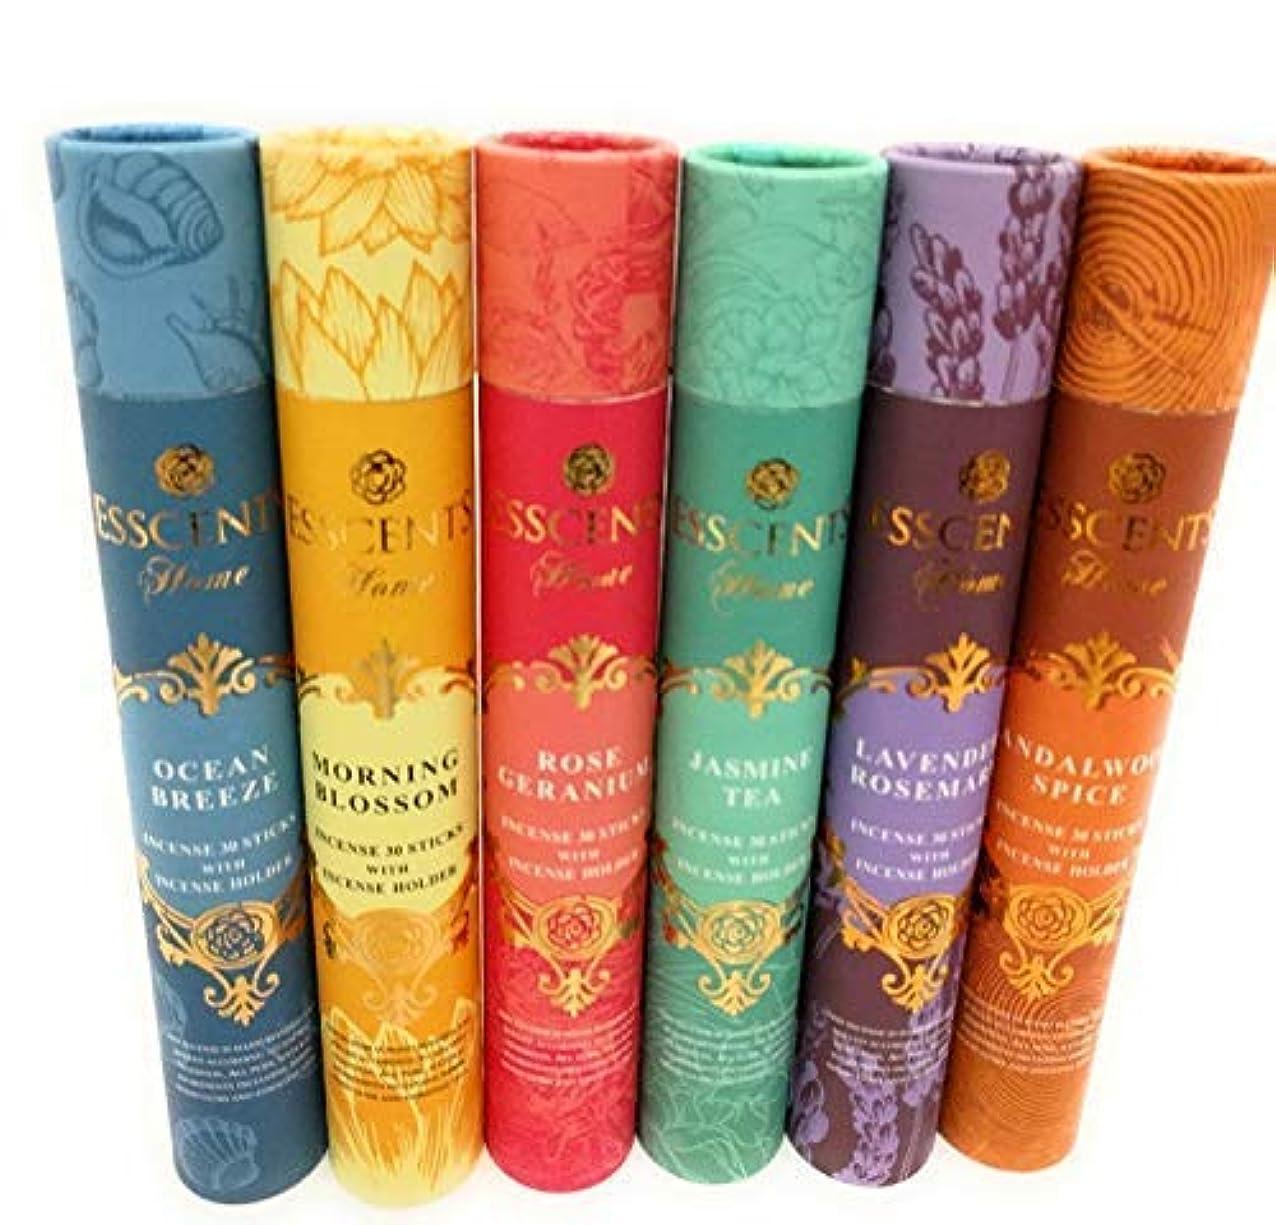 残基瞬時にアイザックEssence incense gift pack 180 sticks with incense holder 6 flavours, Ocean,Morning Blosom,Jasmine tea,Rose Geranium...